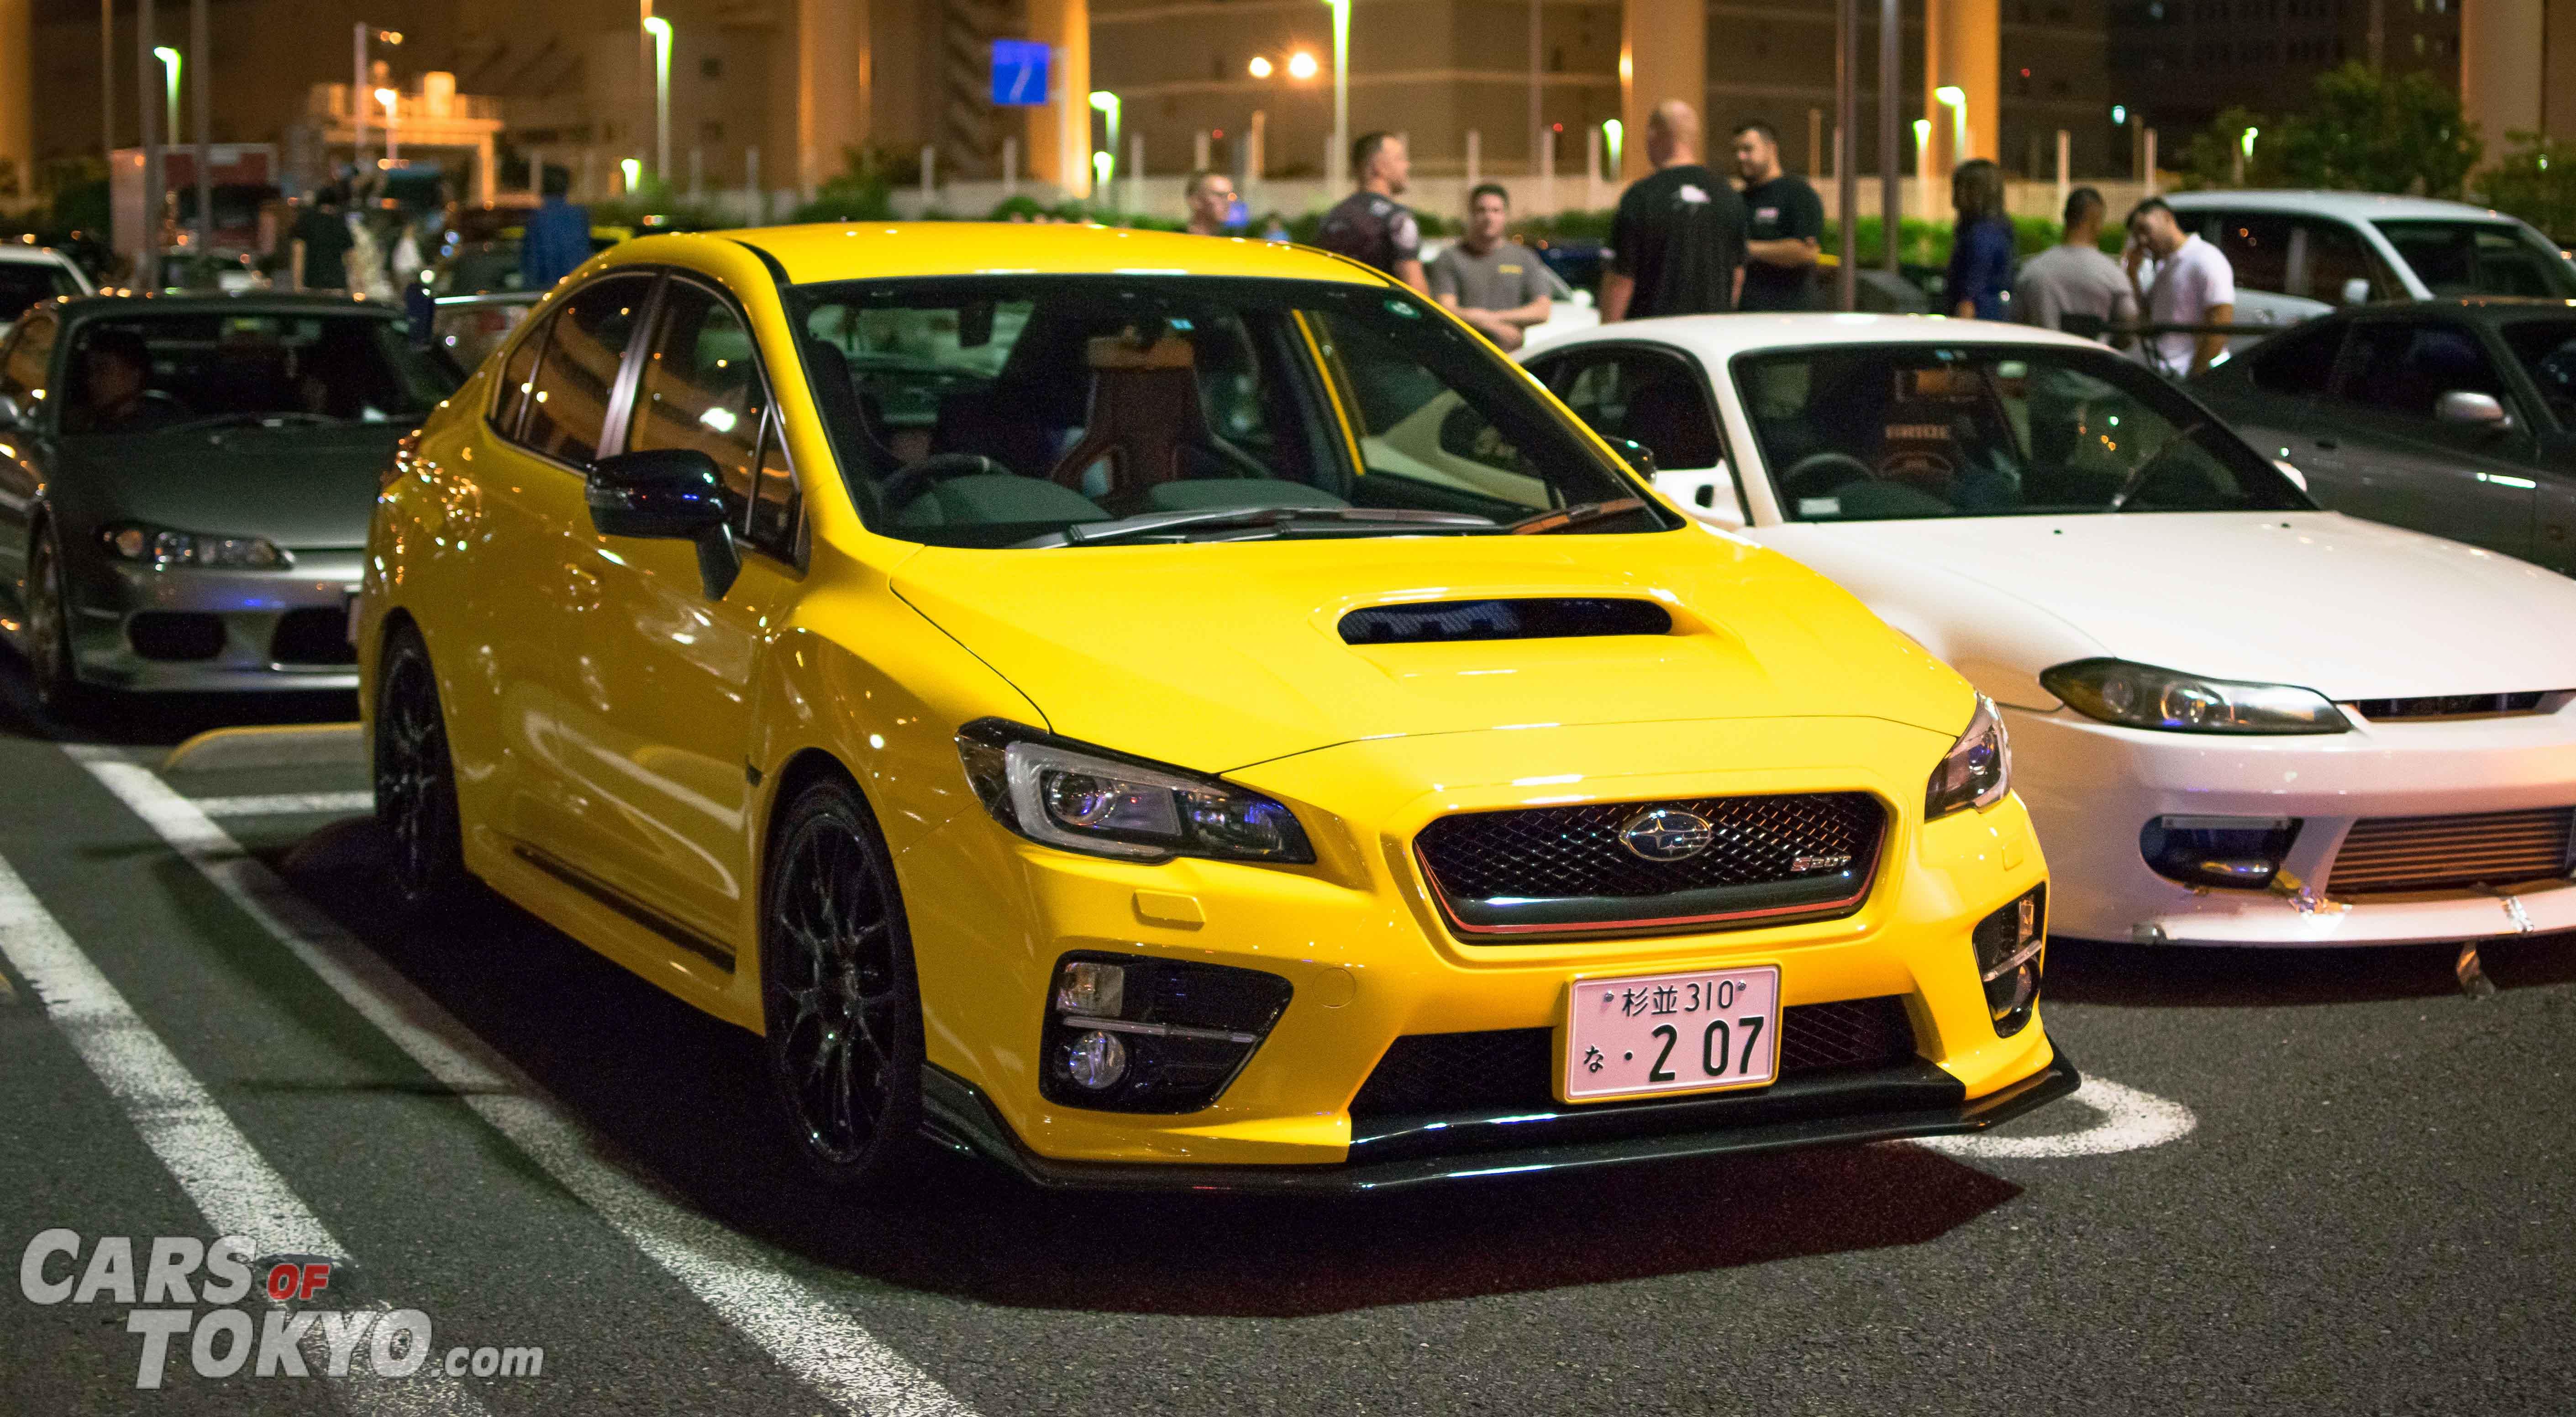 Cars of Tokyo Subaru WRX STi S207